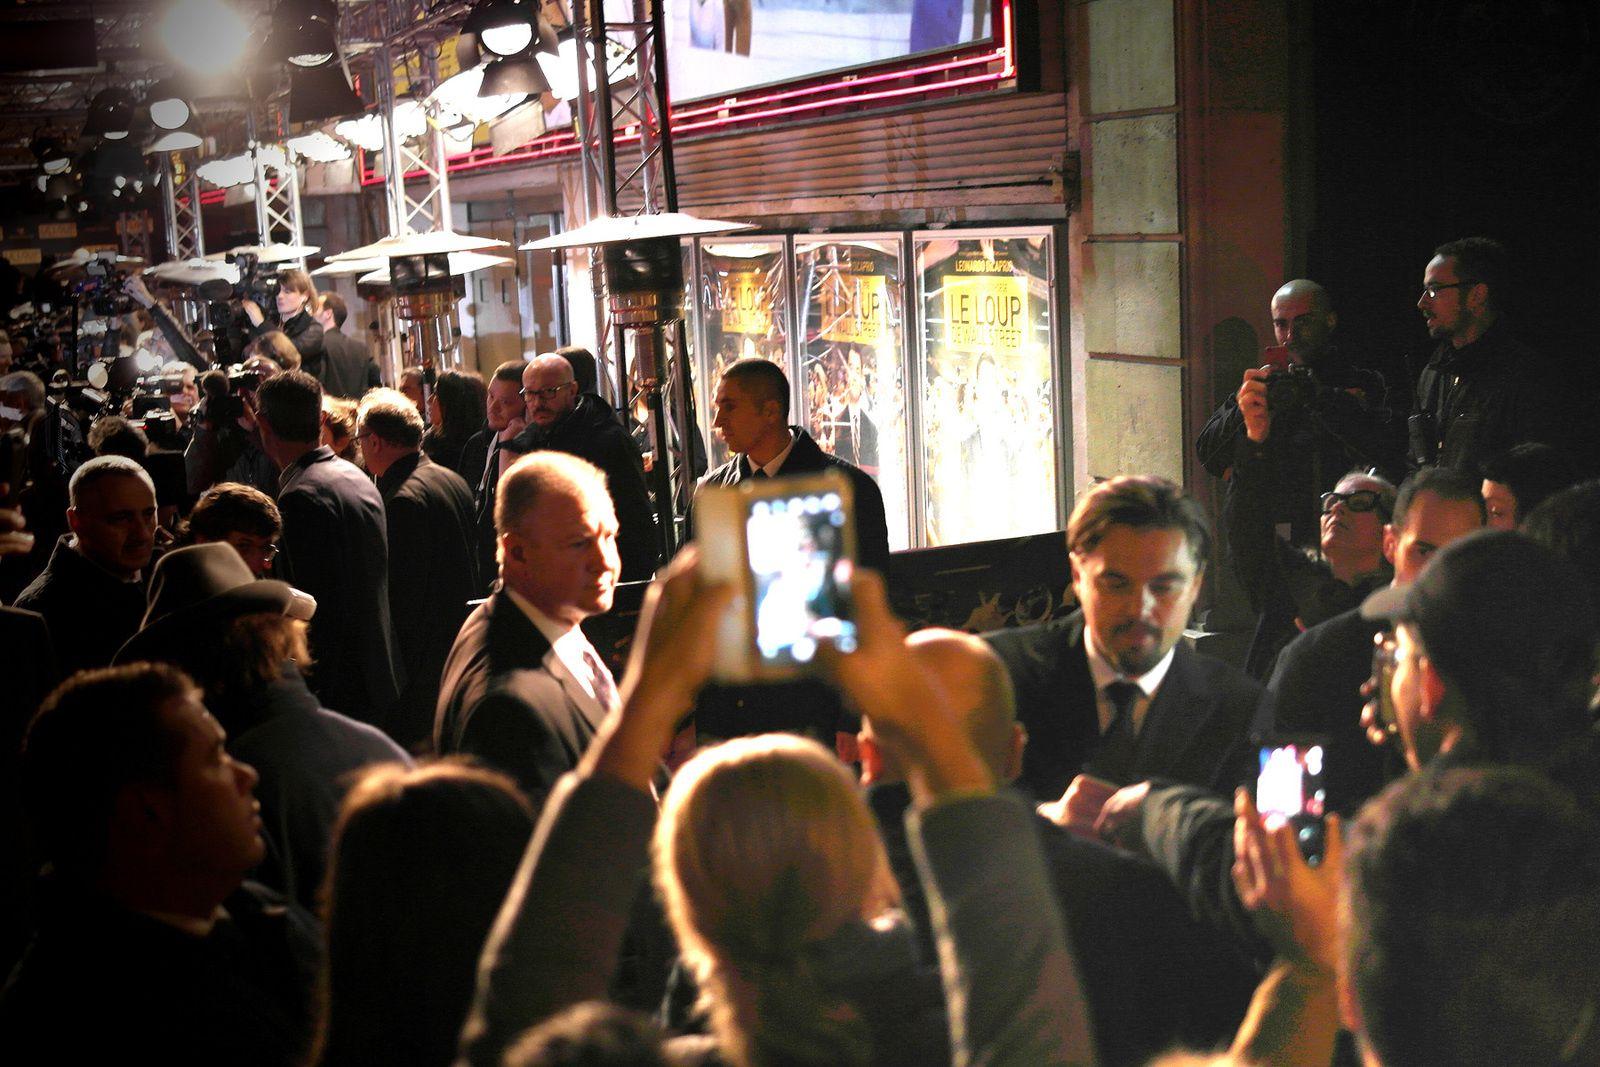 """AVANT-PREMIERE MONDIALE DU FILM """"LE LOUP DE WALL STREET"""" AVEC LEONARDO DICAPRIO (09/12/2013)"""